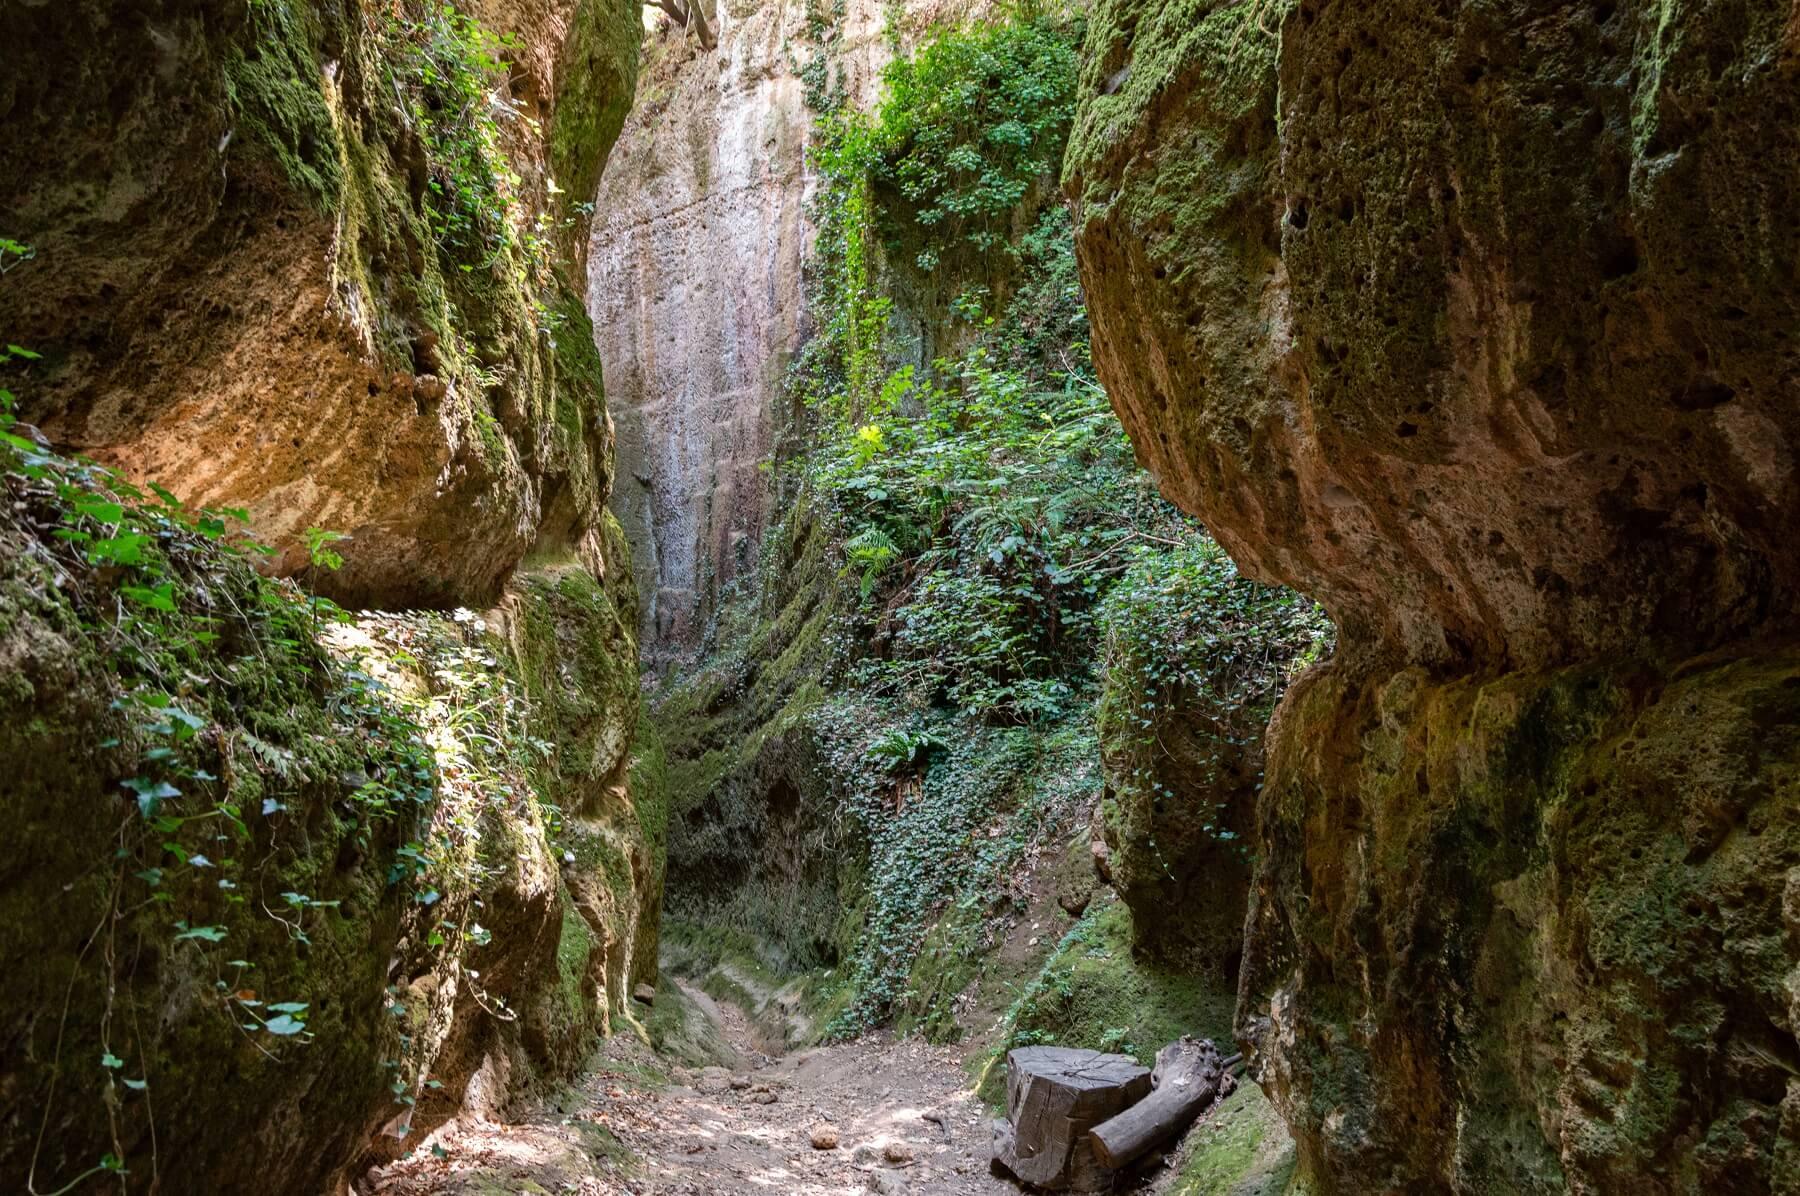 Le Vie Cave etrusche di Sovana, Pitigliano e Sorano